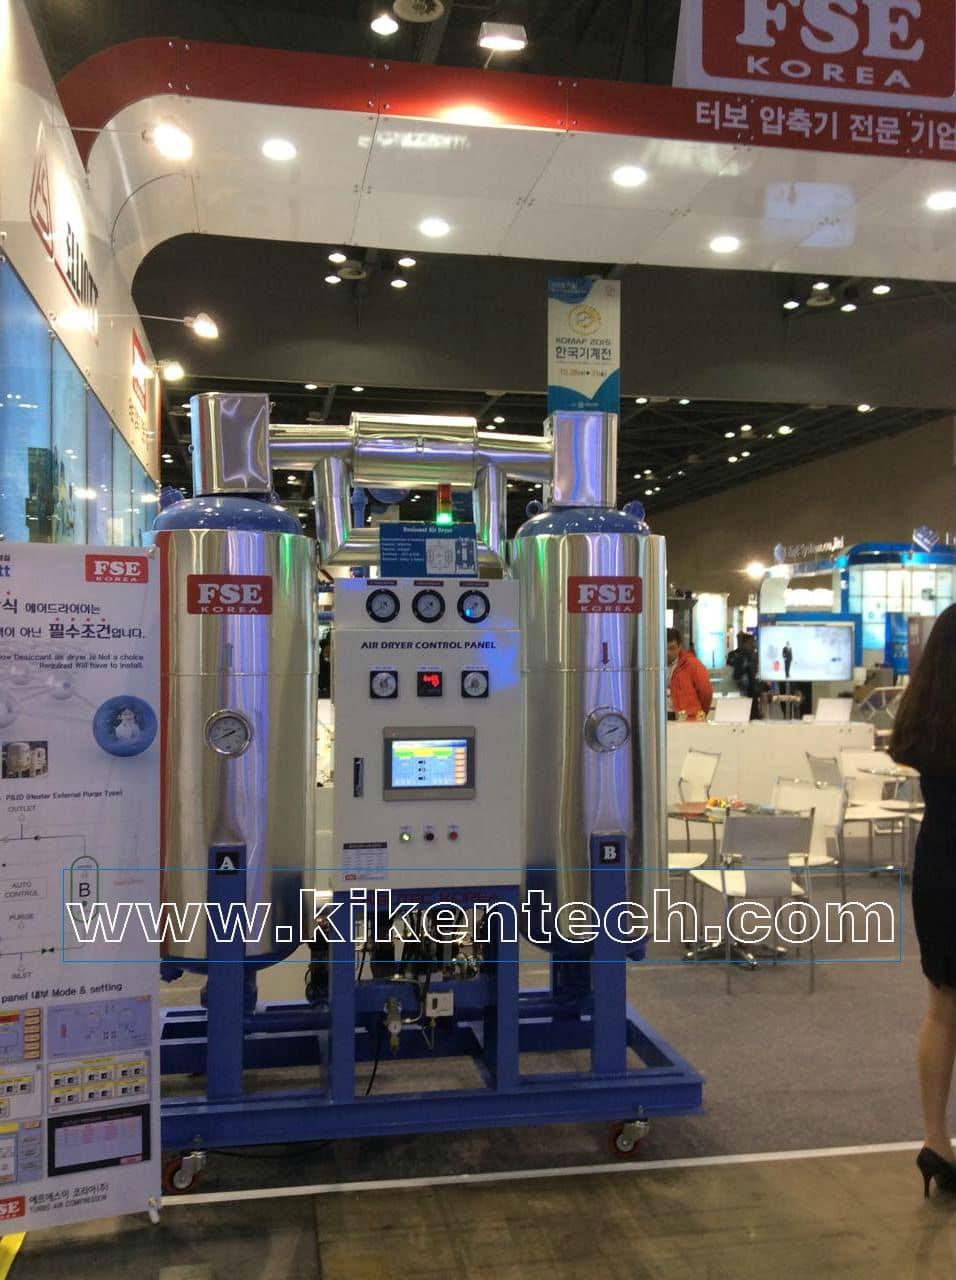 Tham quan máy móc công nghệ ở Hàn Quốc nhân dịp triễn lãm. Công ty Kikentech đã tham dự, tham quan triễn lãm. Lãnh đạo công ty tham quan máy móc công nghệ